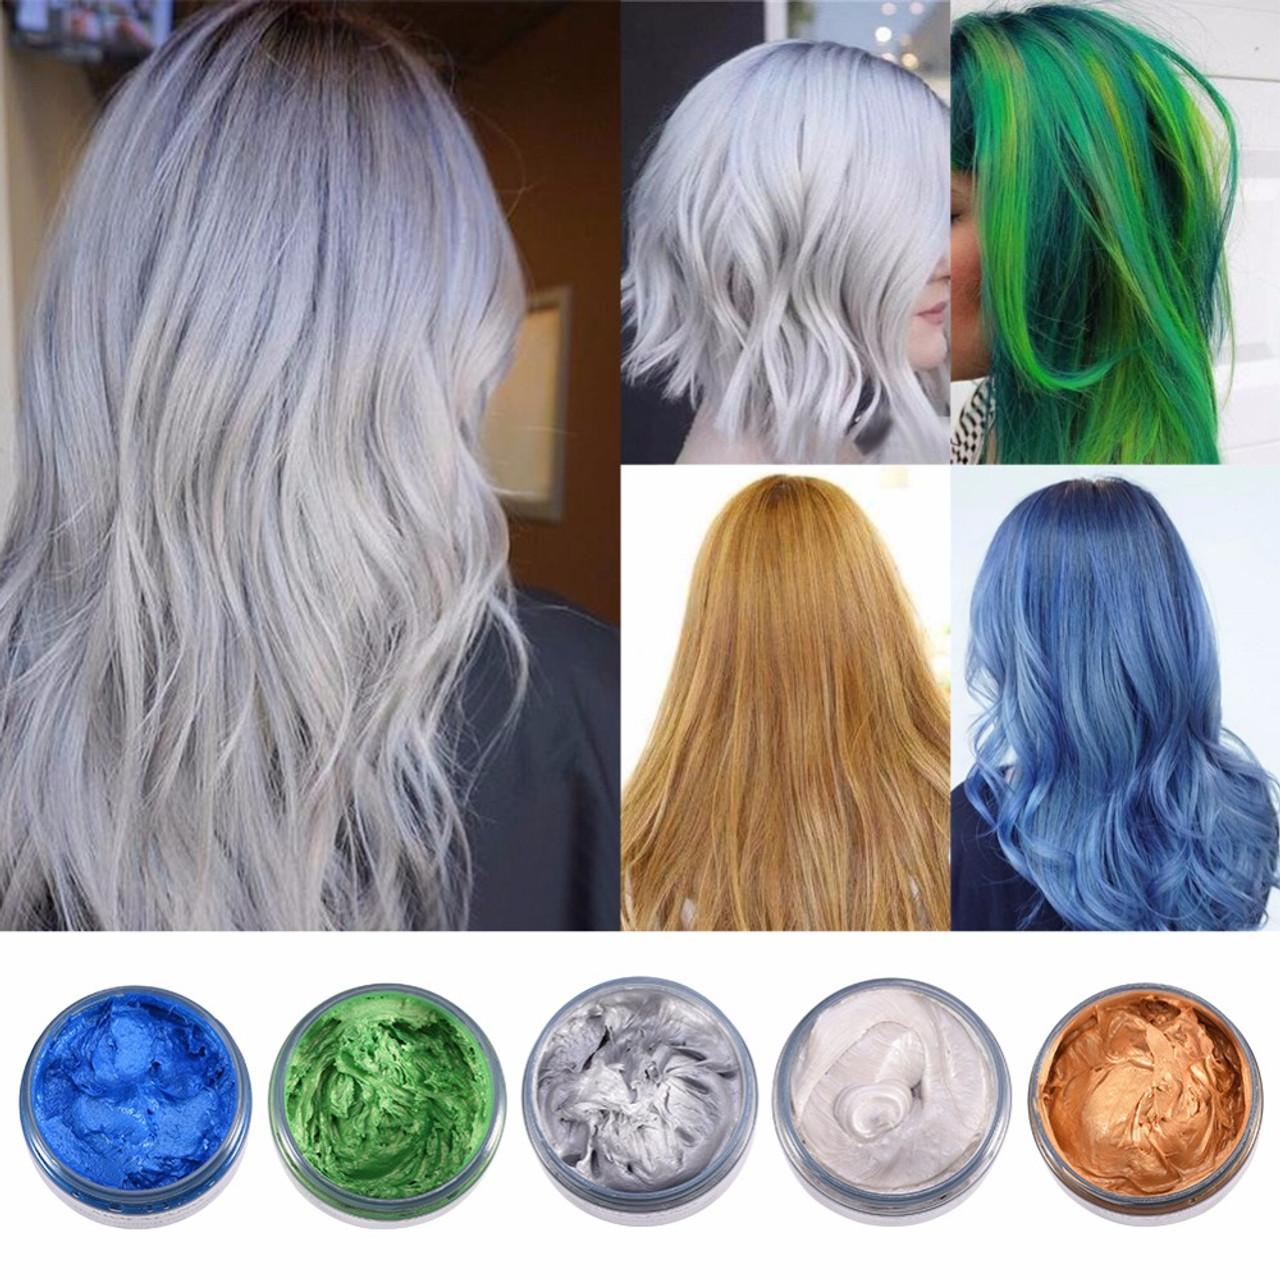 MOFAJANG 120g Hair Coloring Wax Silver Ash Grey Strong Hold ...